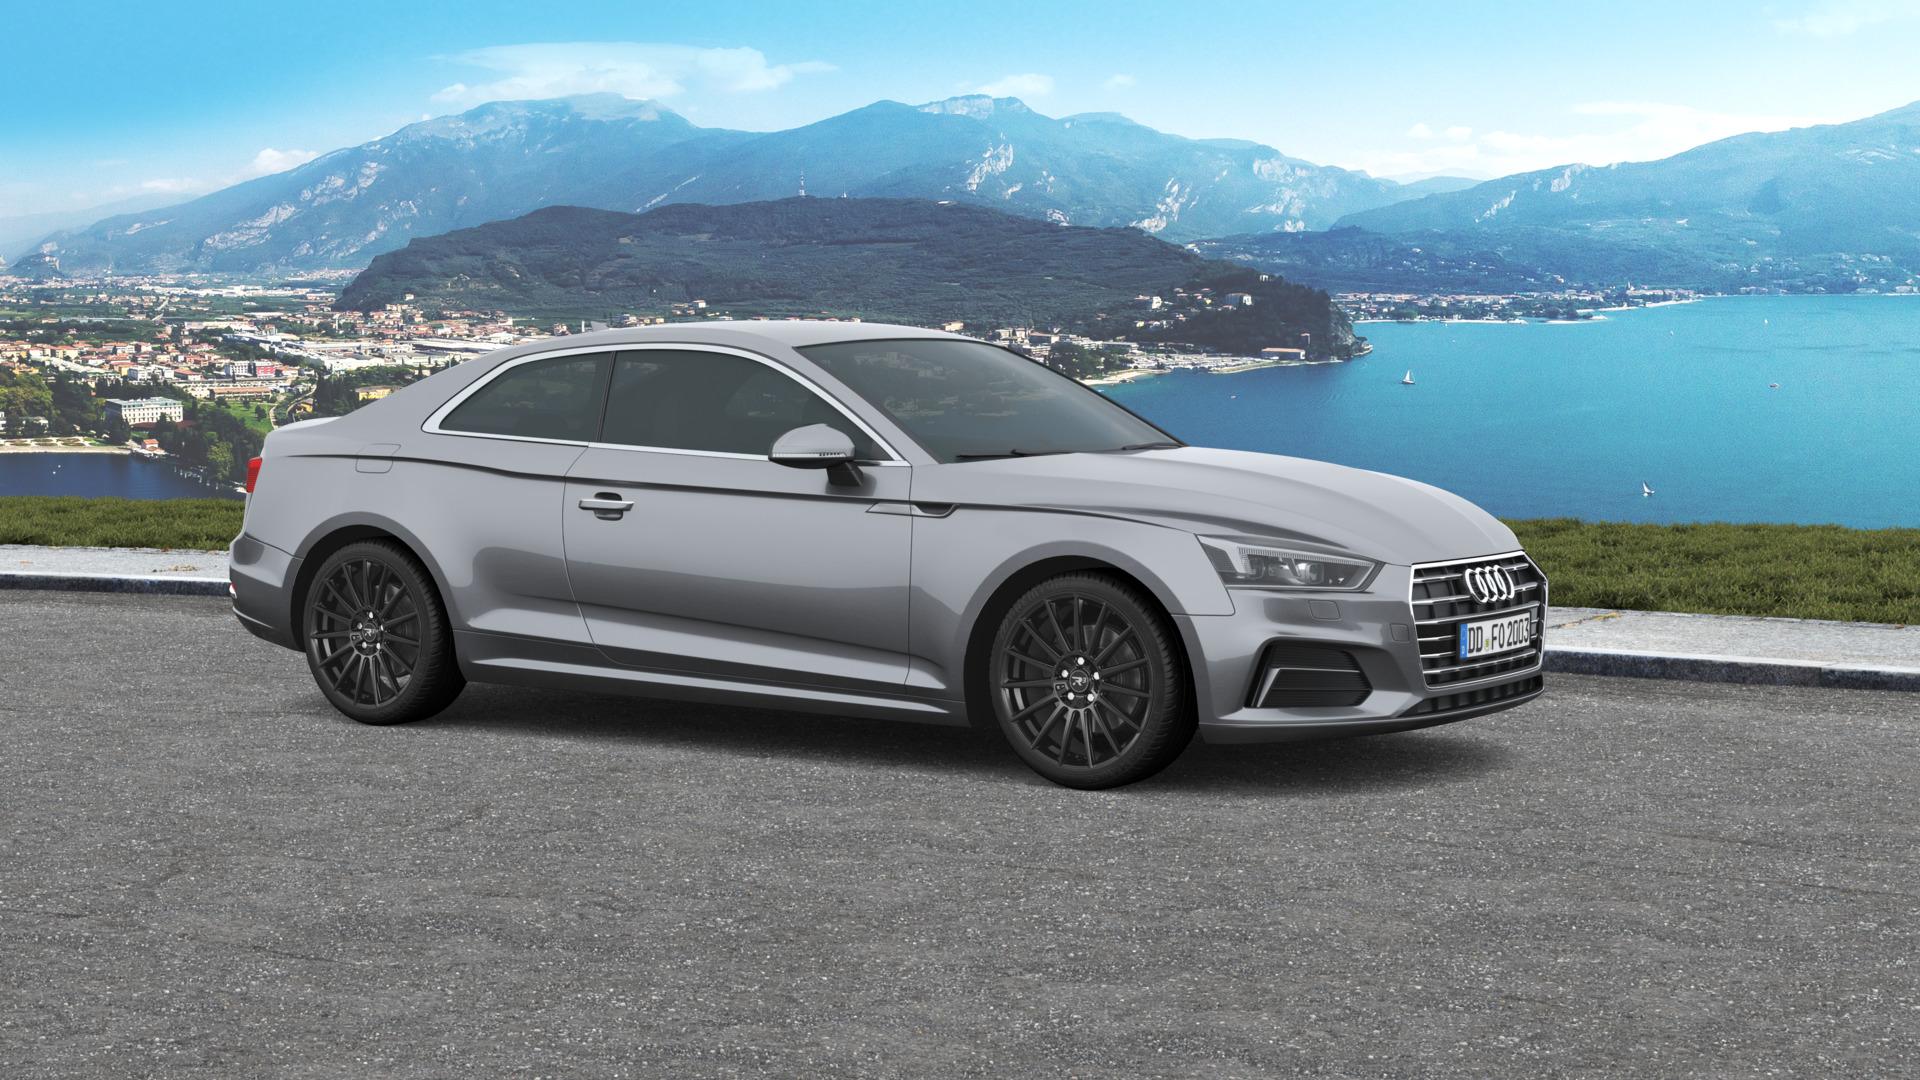 R Wheels R3h07 Black For Your Audi A5 Felgenoutlet Com